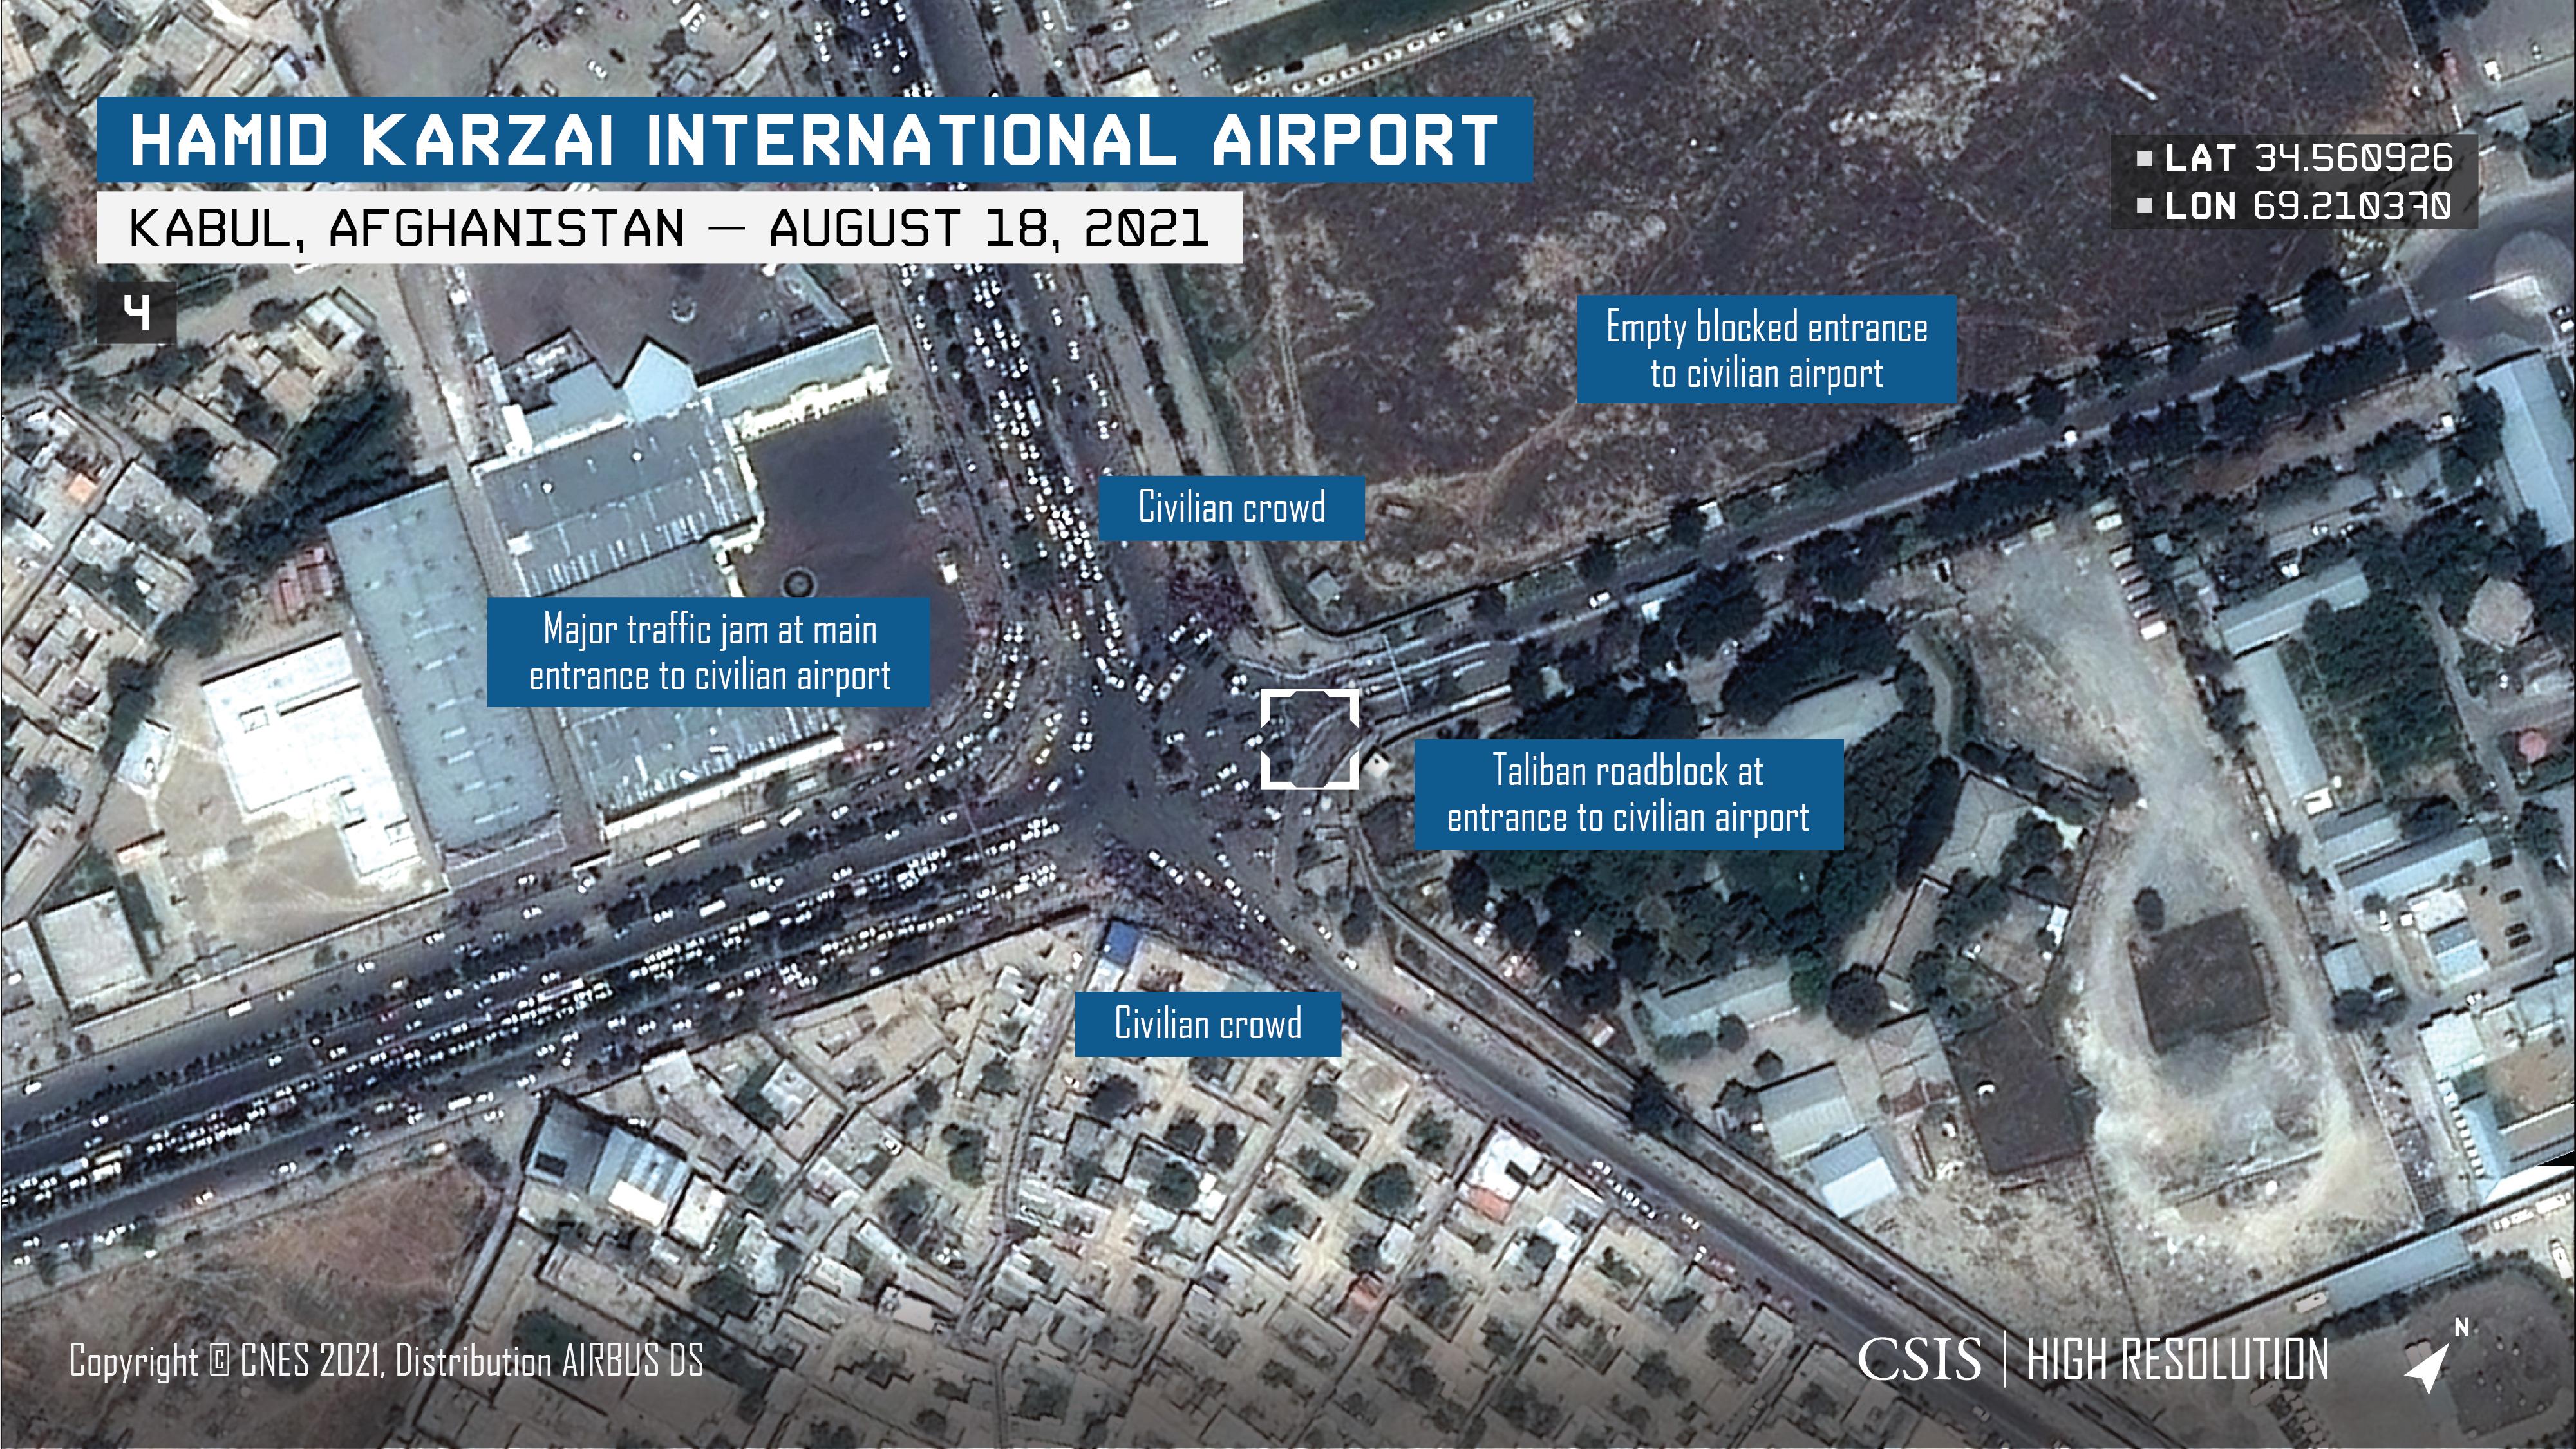 https://csis-website-prod.s3.amazonaws.com/s3fs-public/210818_Kabul_International_Airport_Slide_05.jpg?xyz31xqNoQ69mW1poapFqCRZXSUjWI07